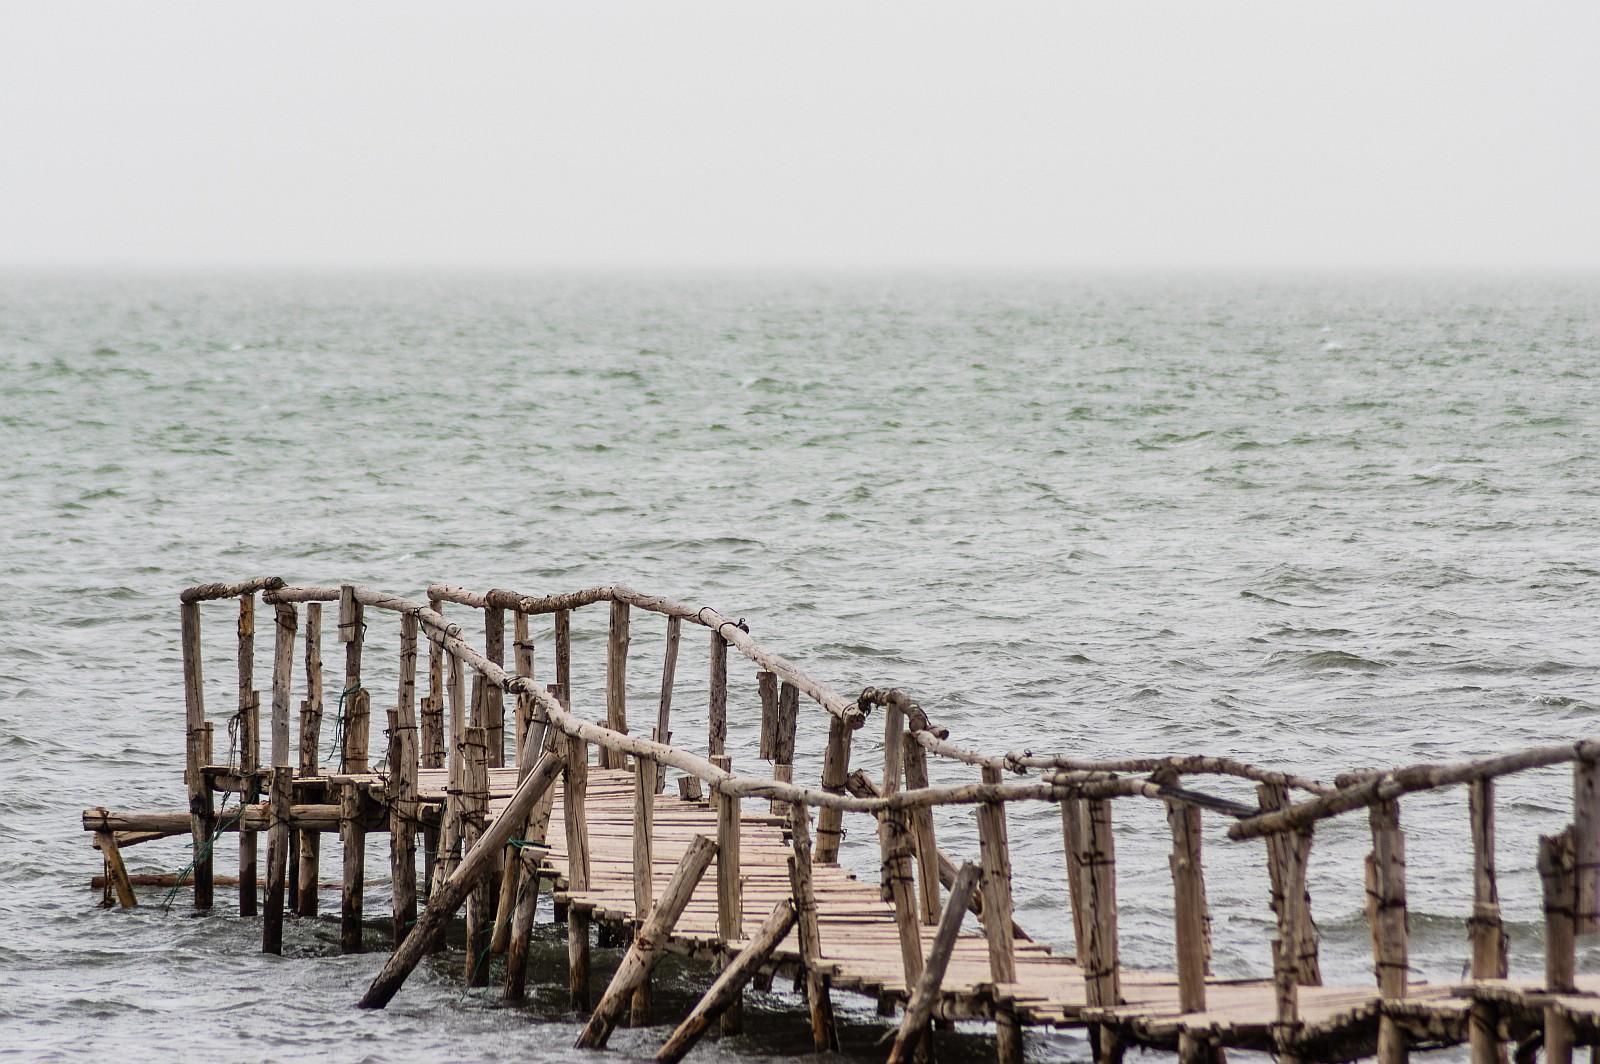 Озеро Далай-Нур (Далинор) 达里诺尔